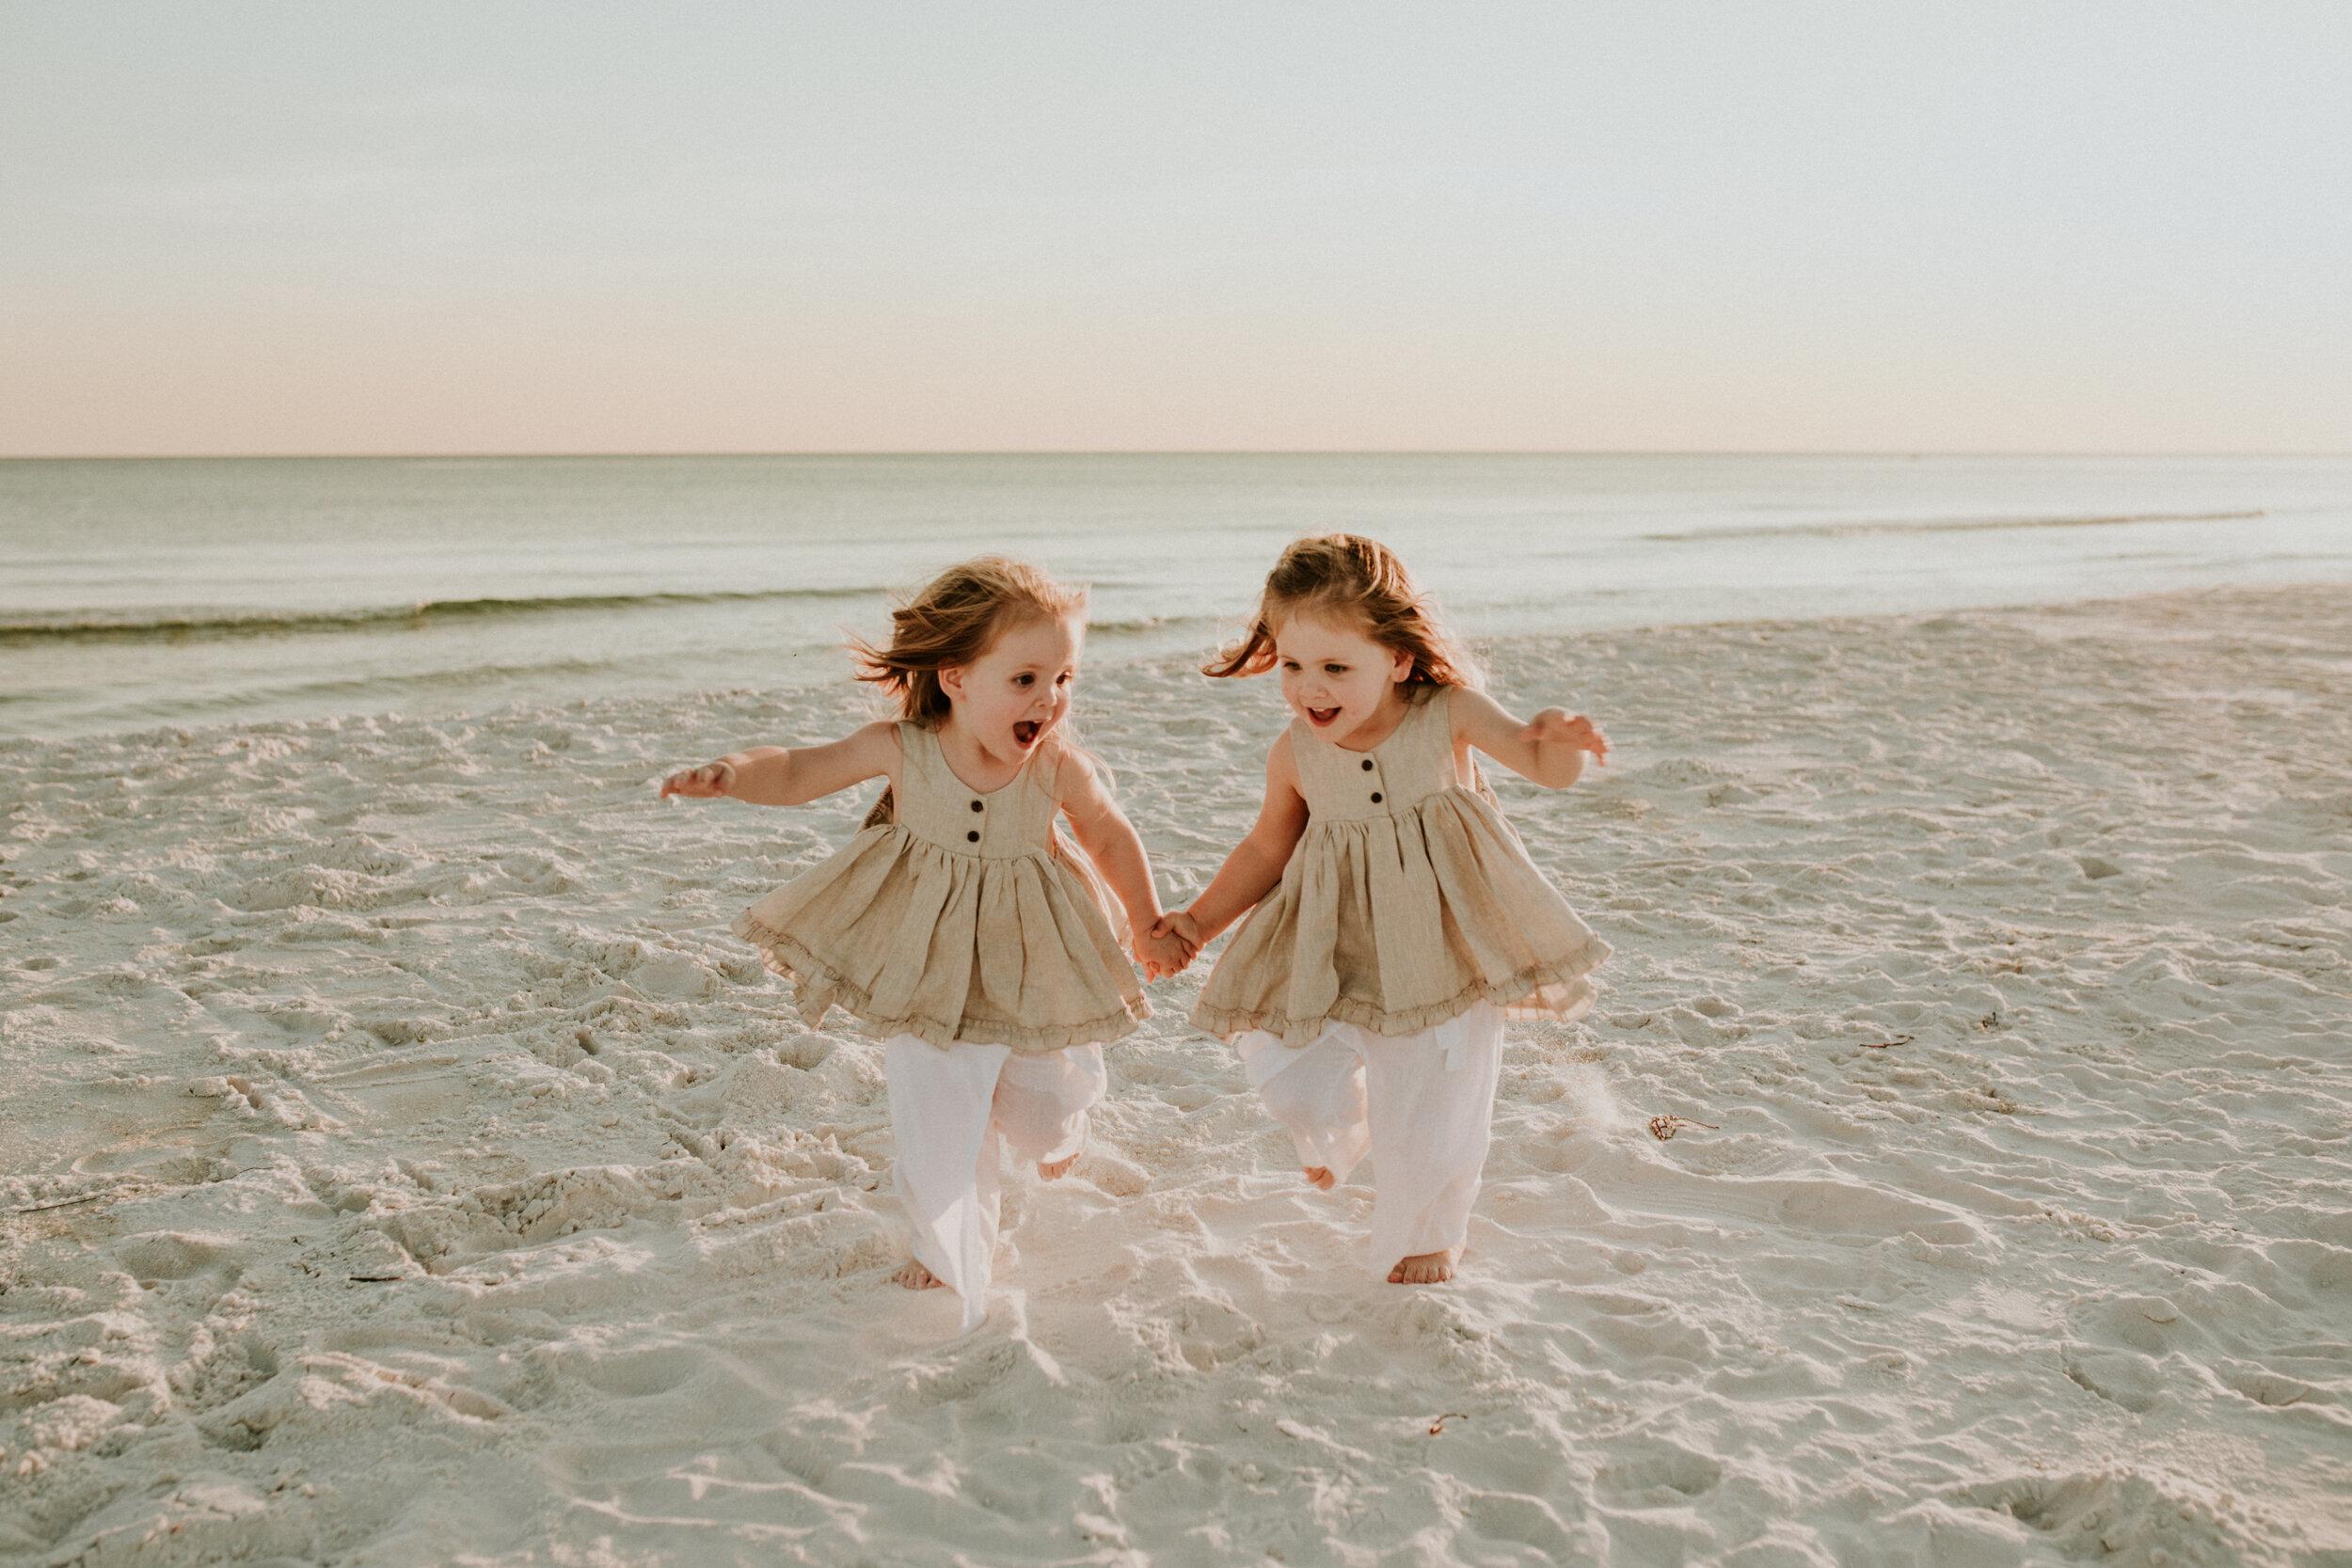 30a_Destin_Watersound_Florida_Family_Photographer_Beach_Photos-44.jpg